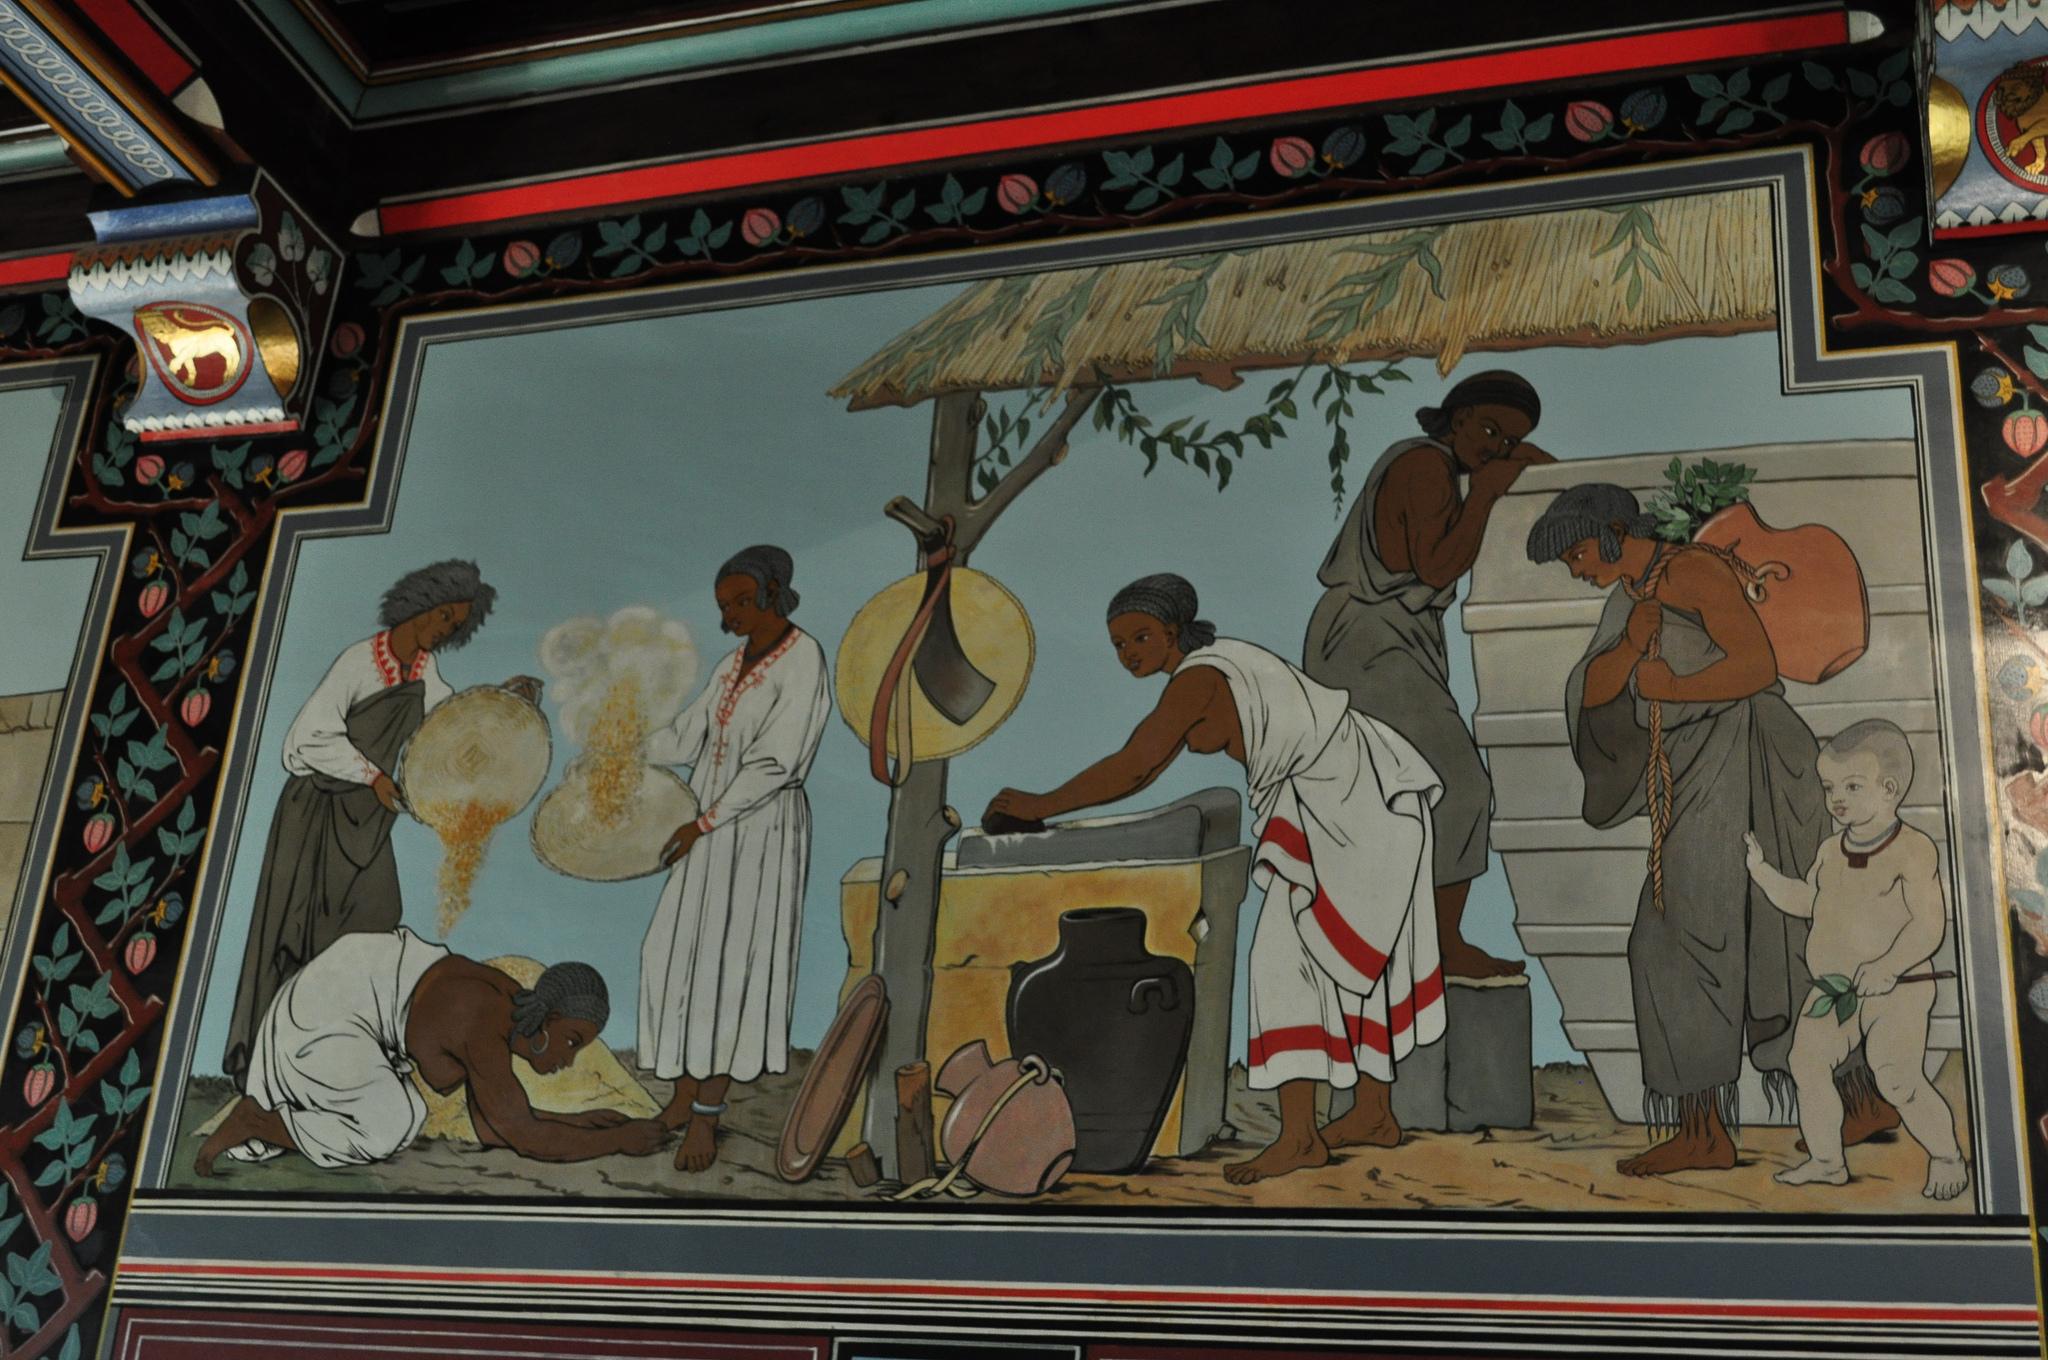 Frescos de inspiración etíope en la entrada del castillo. Fotografía: Bernard Blanc (CC)